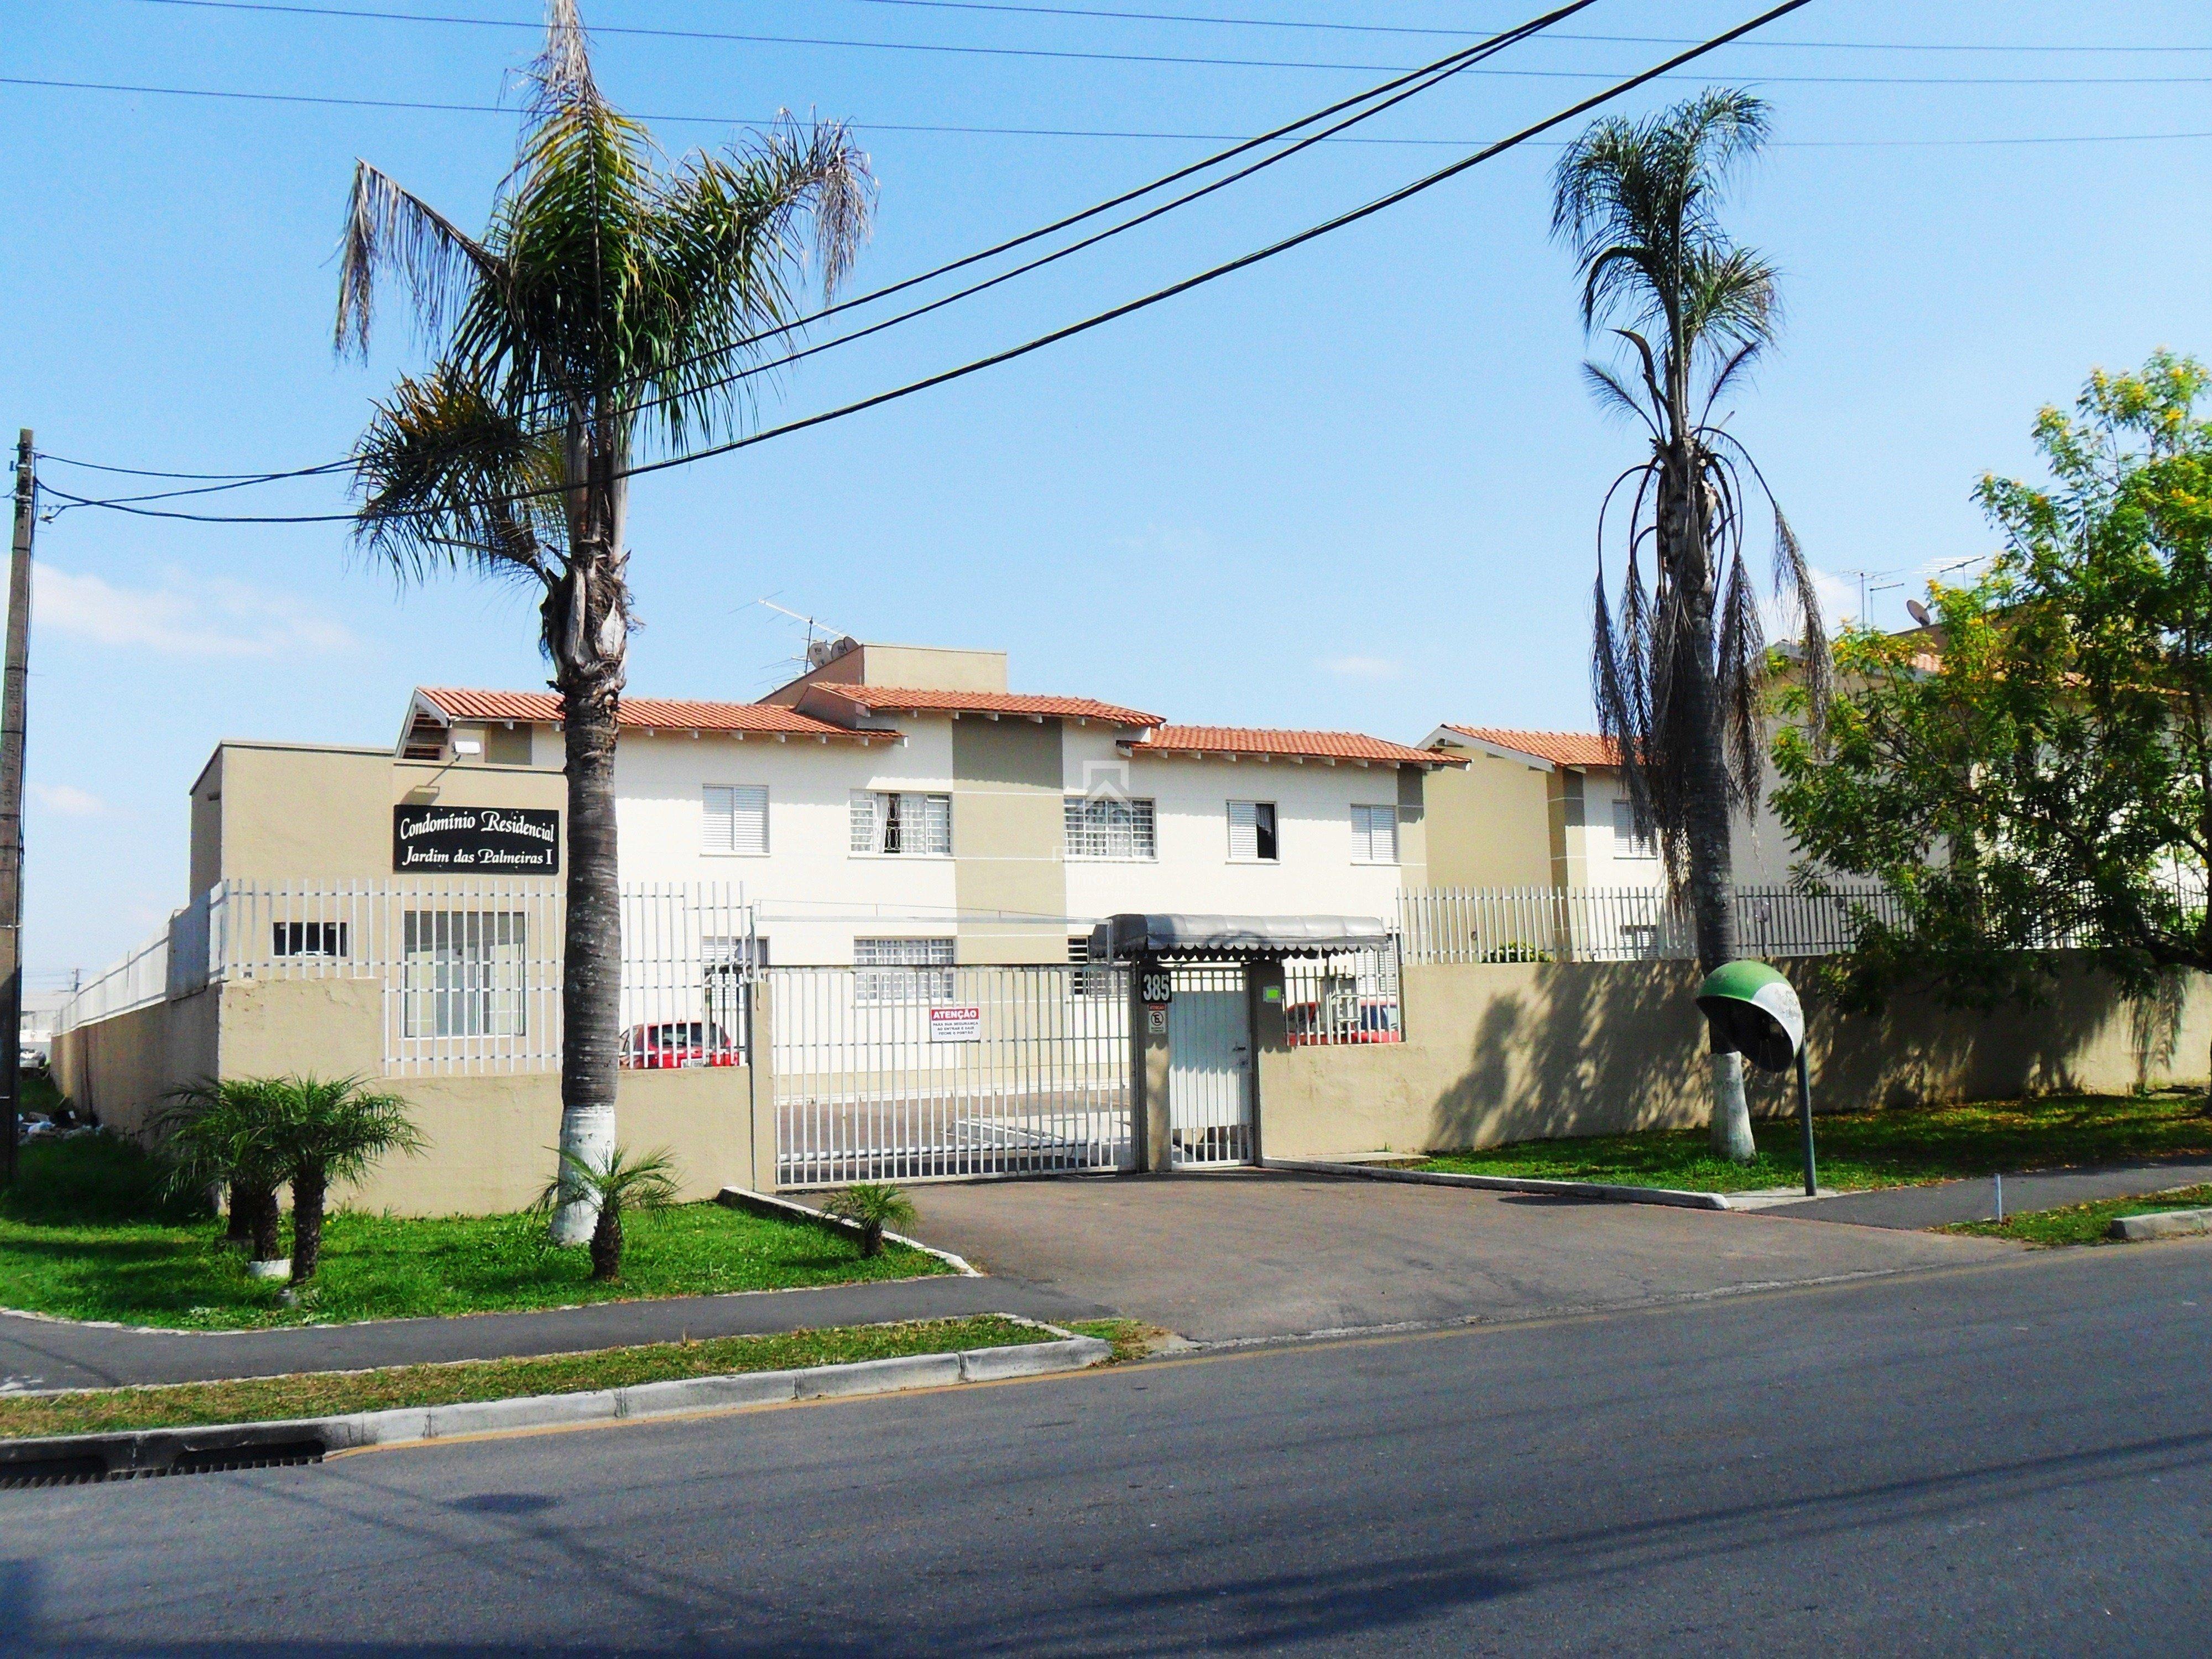 REF. 7749 -  São José Dos Pinhais - Rua  Padre Joao Da Veiga Coutinho, 385 - Apto 101 - Bl 03